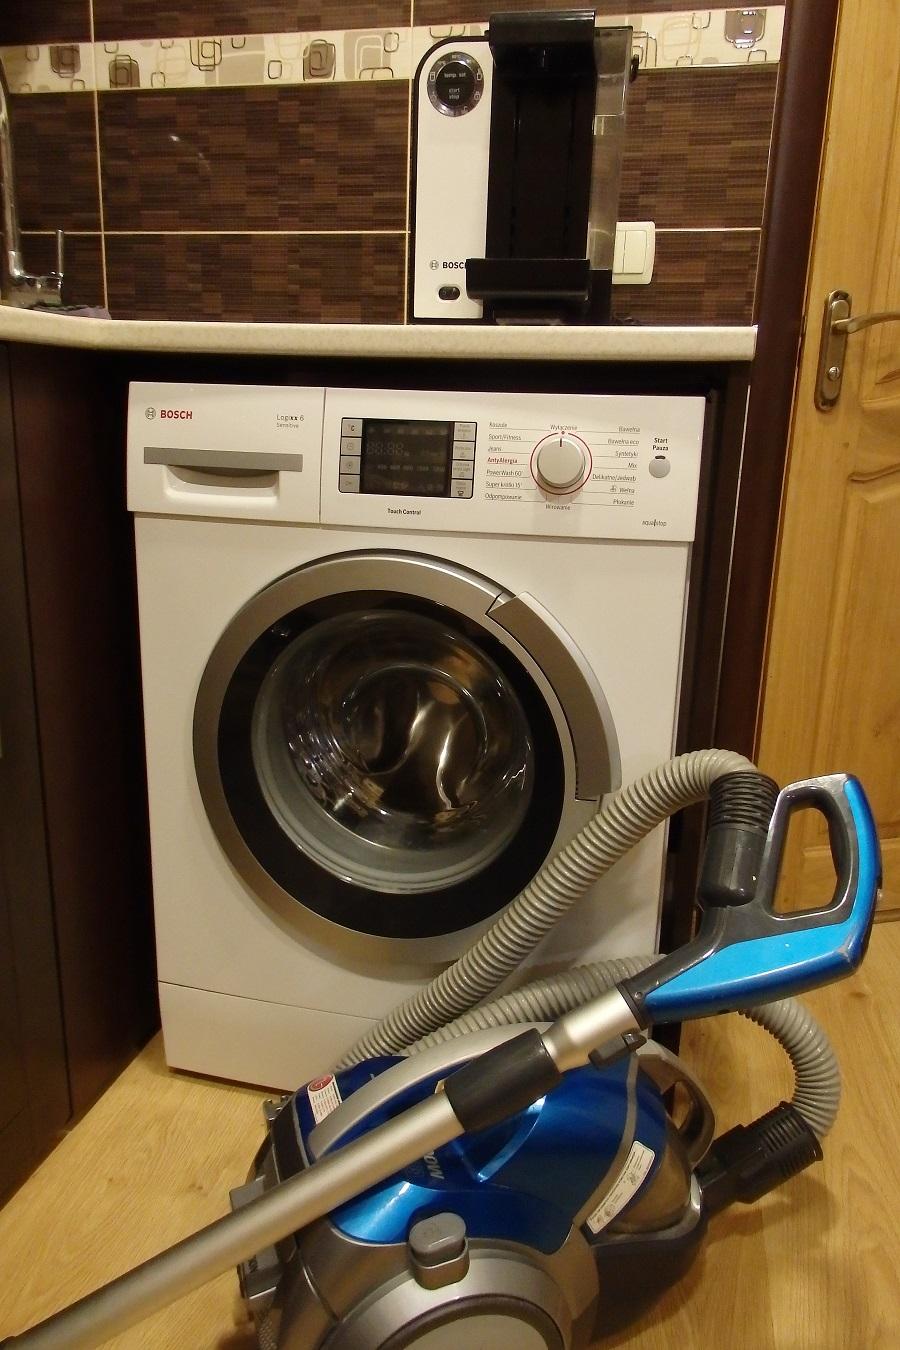 почему в доме ломается бытовая техника